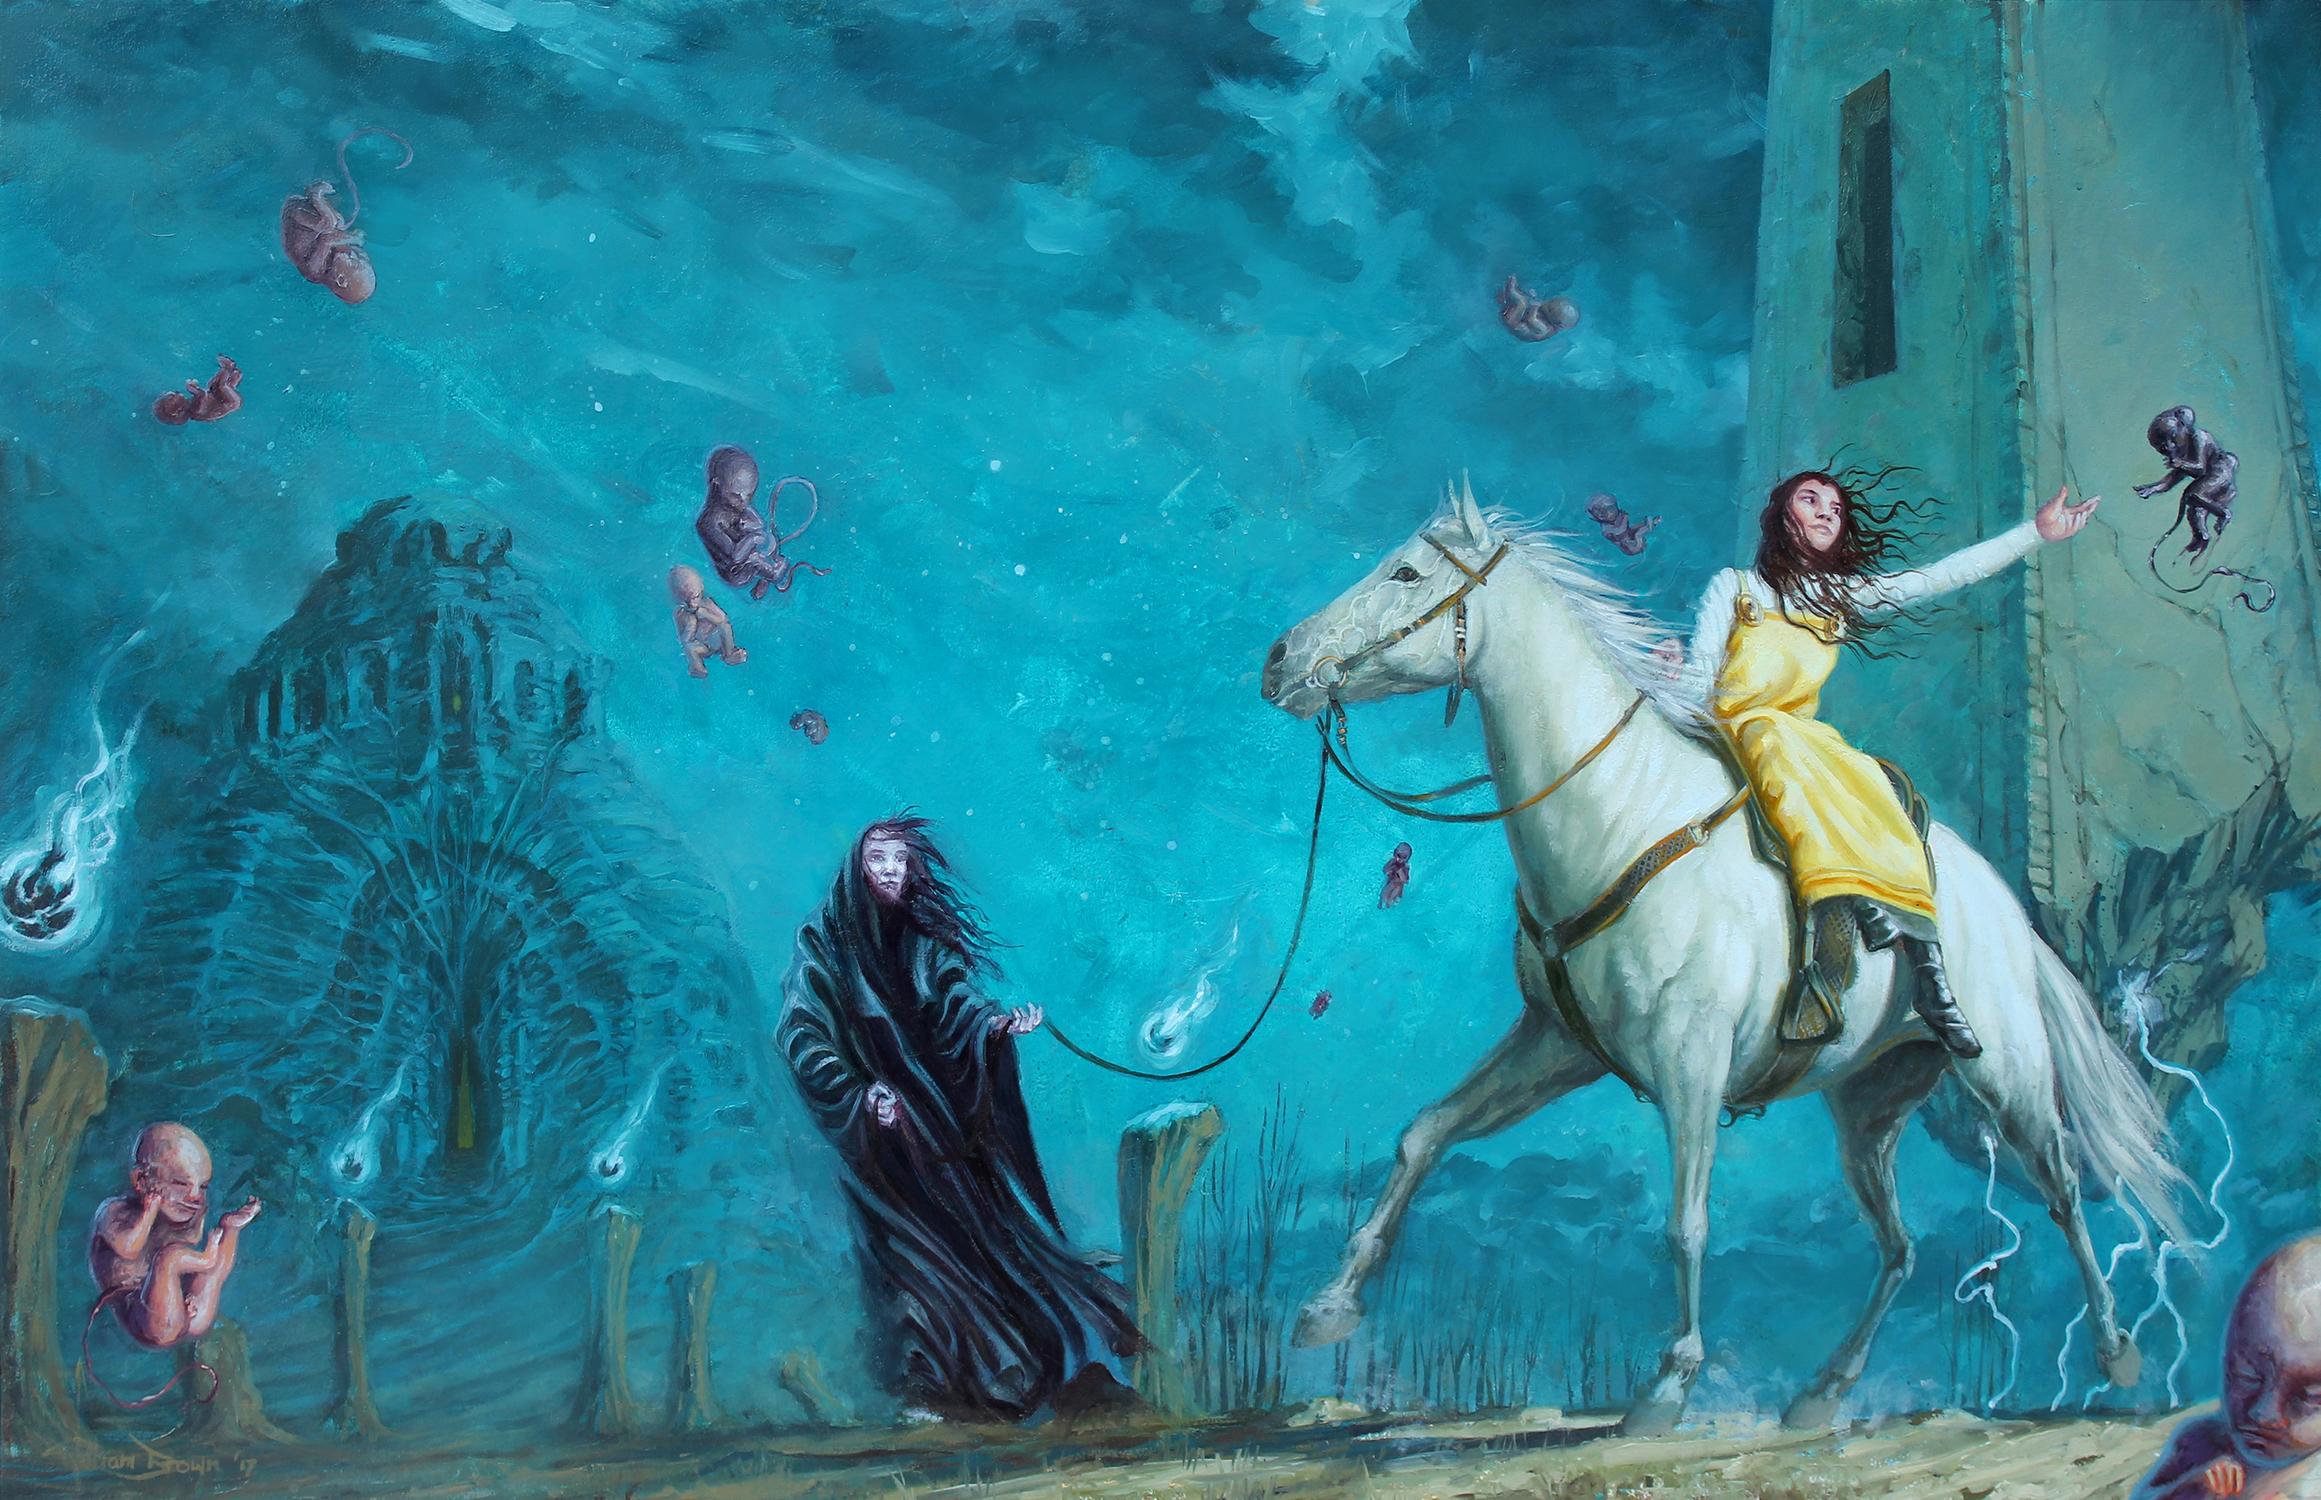 La Princessa de Morte Artwork by William Brown